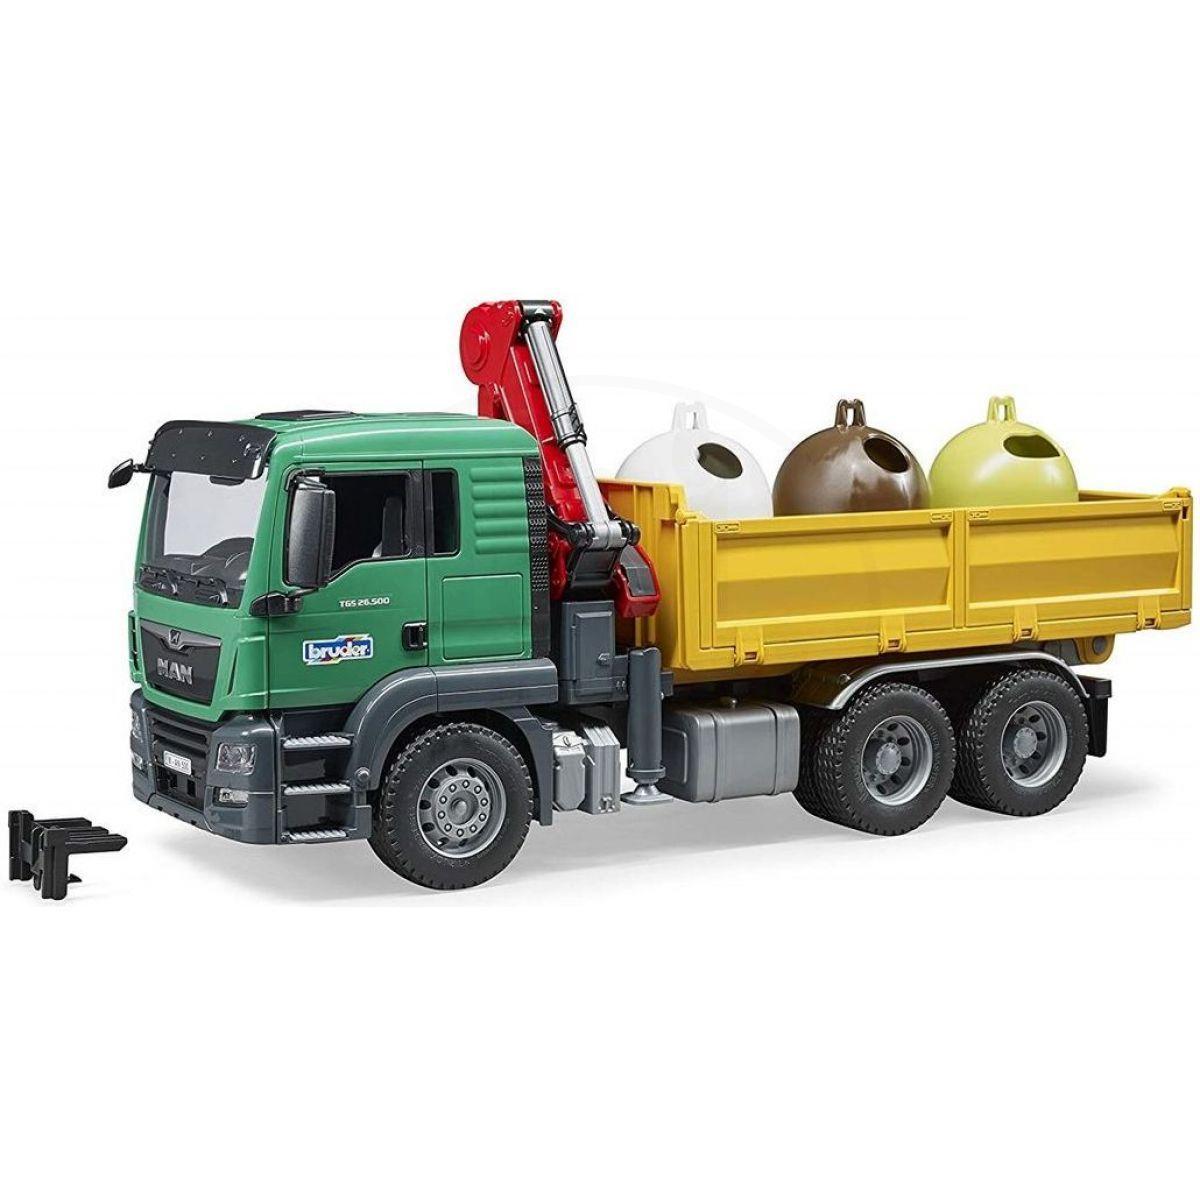 Bruder 3753 MAN TGS Truck se 3 kontejnery na odpad a nakládacím ramenem